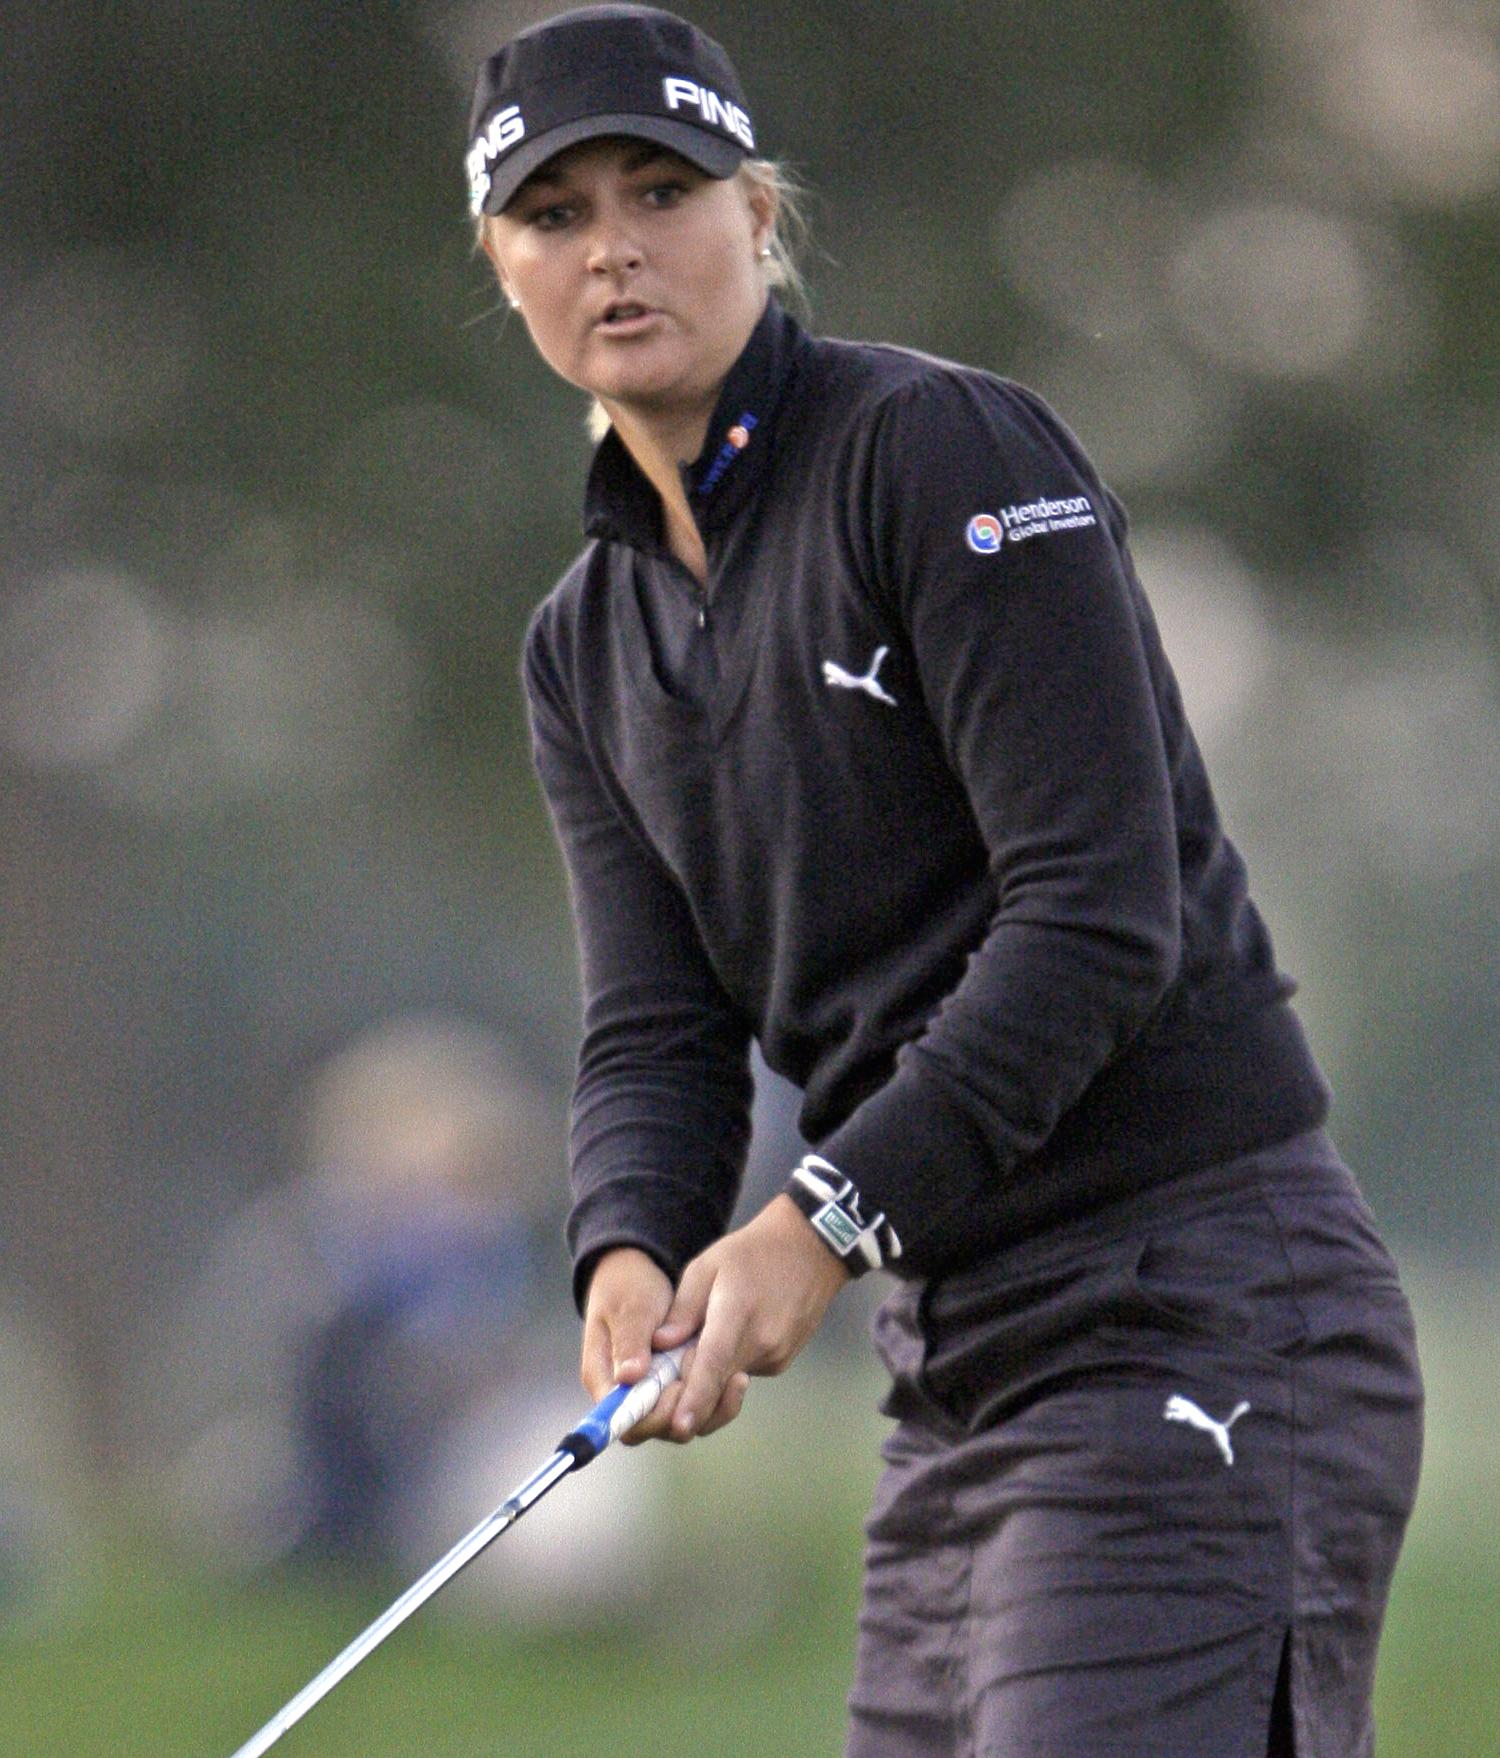 Anna Nordqvist will represent Puma during the PGA Show.